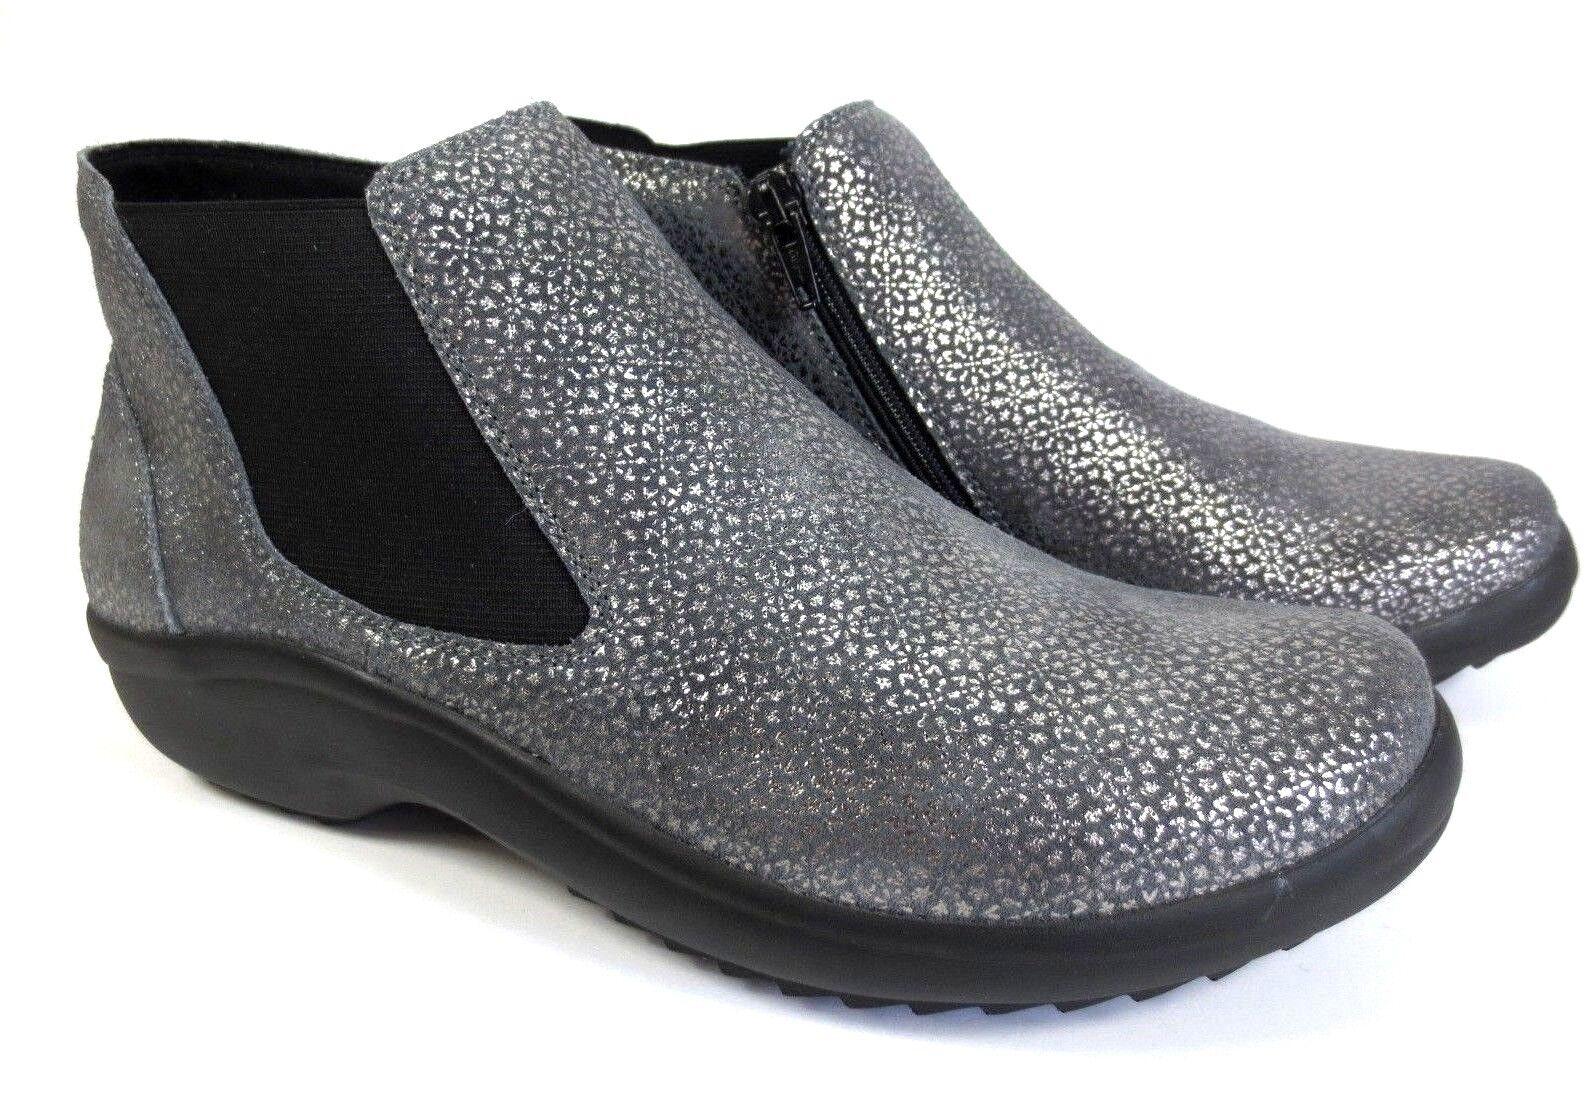 BERKEMANN Carlina Komfort Leder Schuhe Stiefeletten Stiefel grau NEU 129,95  | Ich kann es nicht ablegen